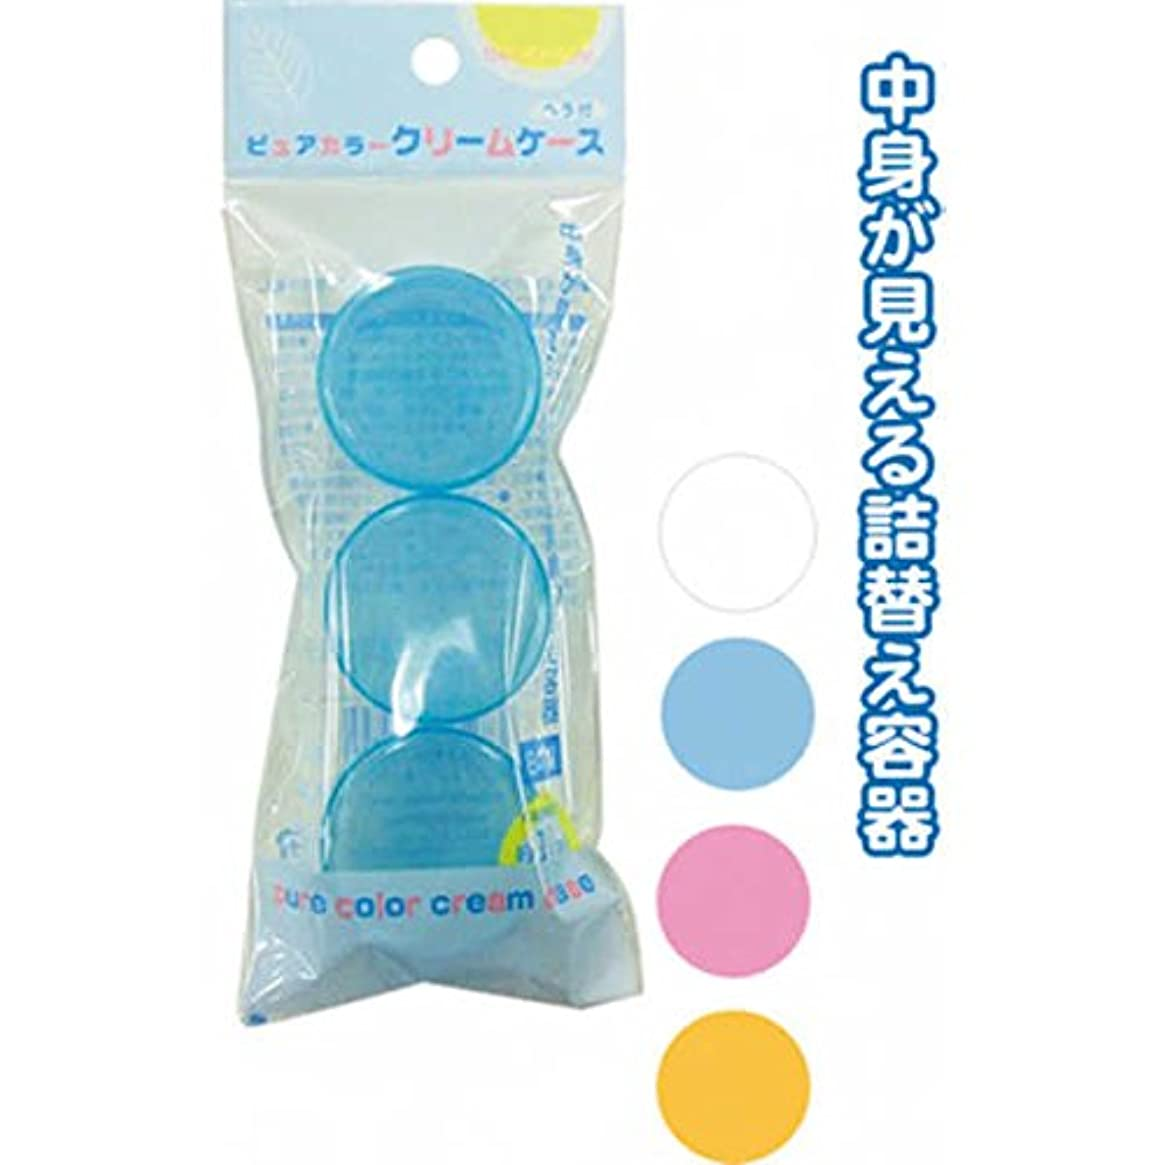 状ストリップ公平ピュアカラークリームケース(3P?日本製 japan) 【まとめ買い12個セット】 18-795